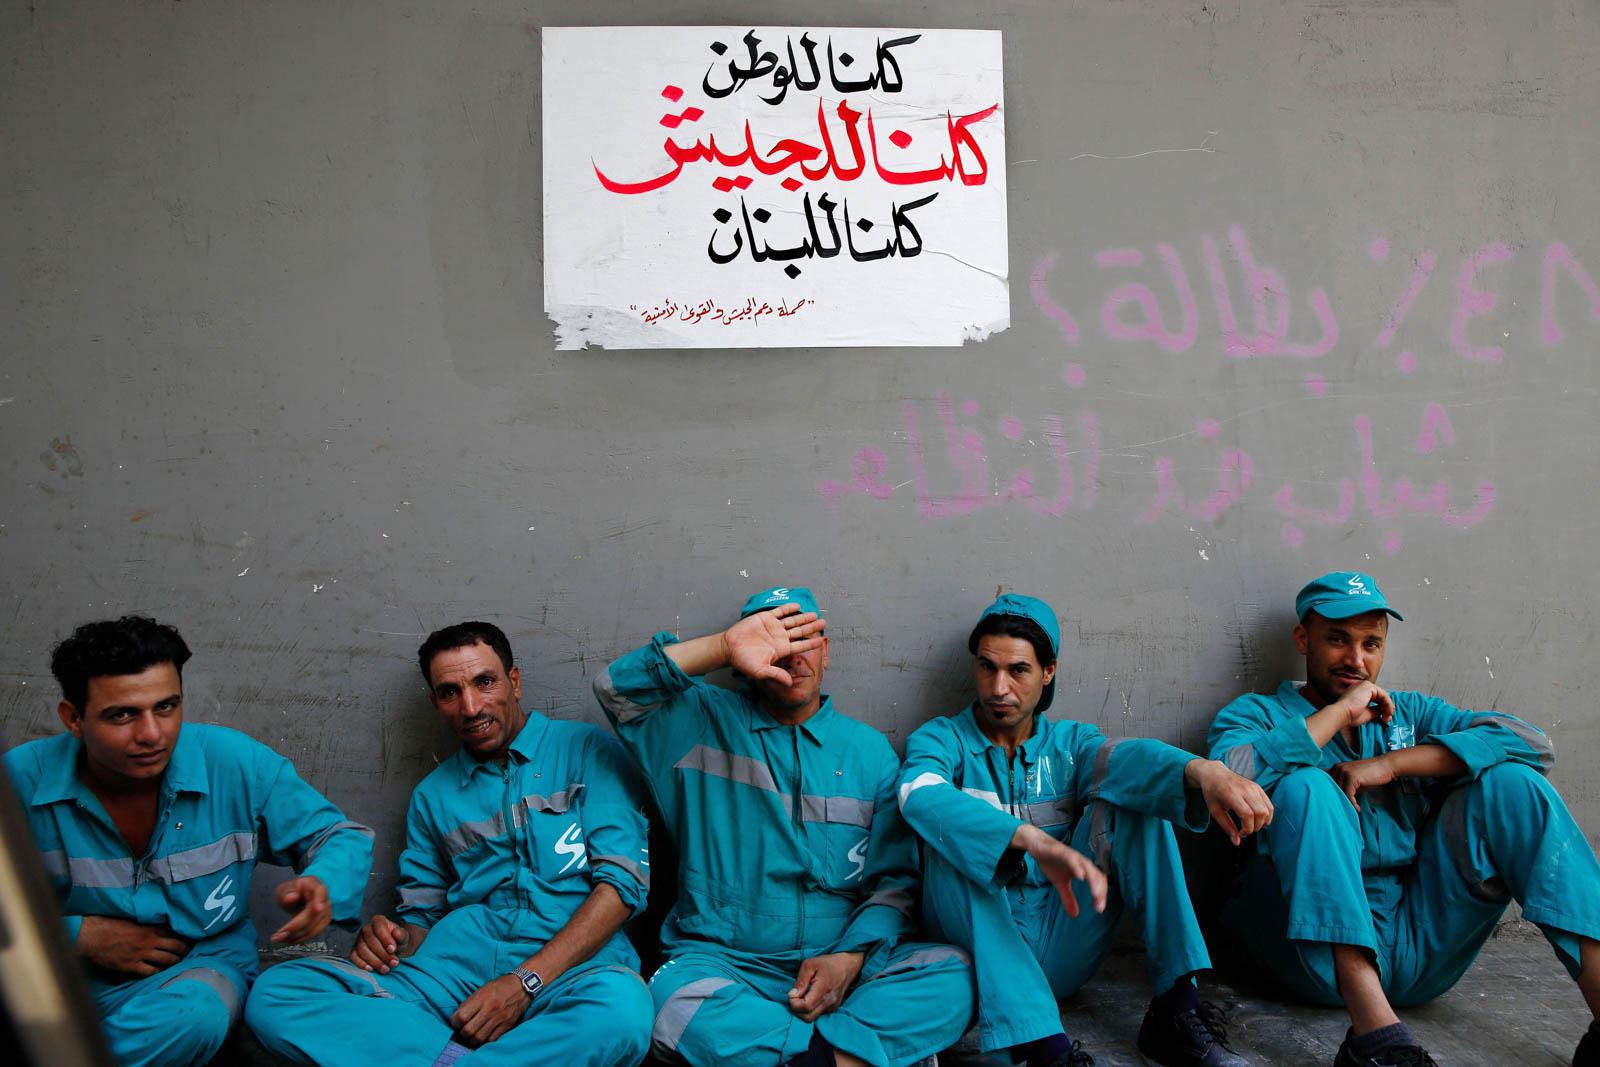 Работники компании по вывозу мусора (Бейрут, Ливан) (© AP Images)